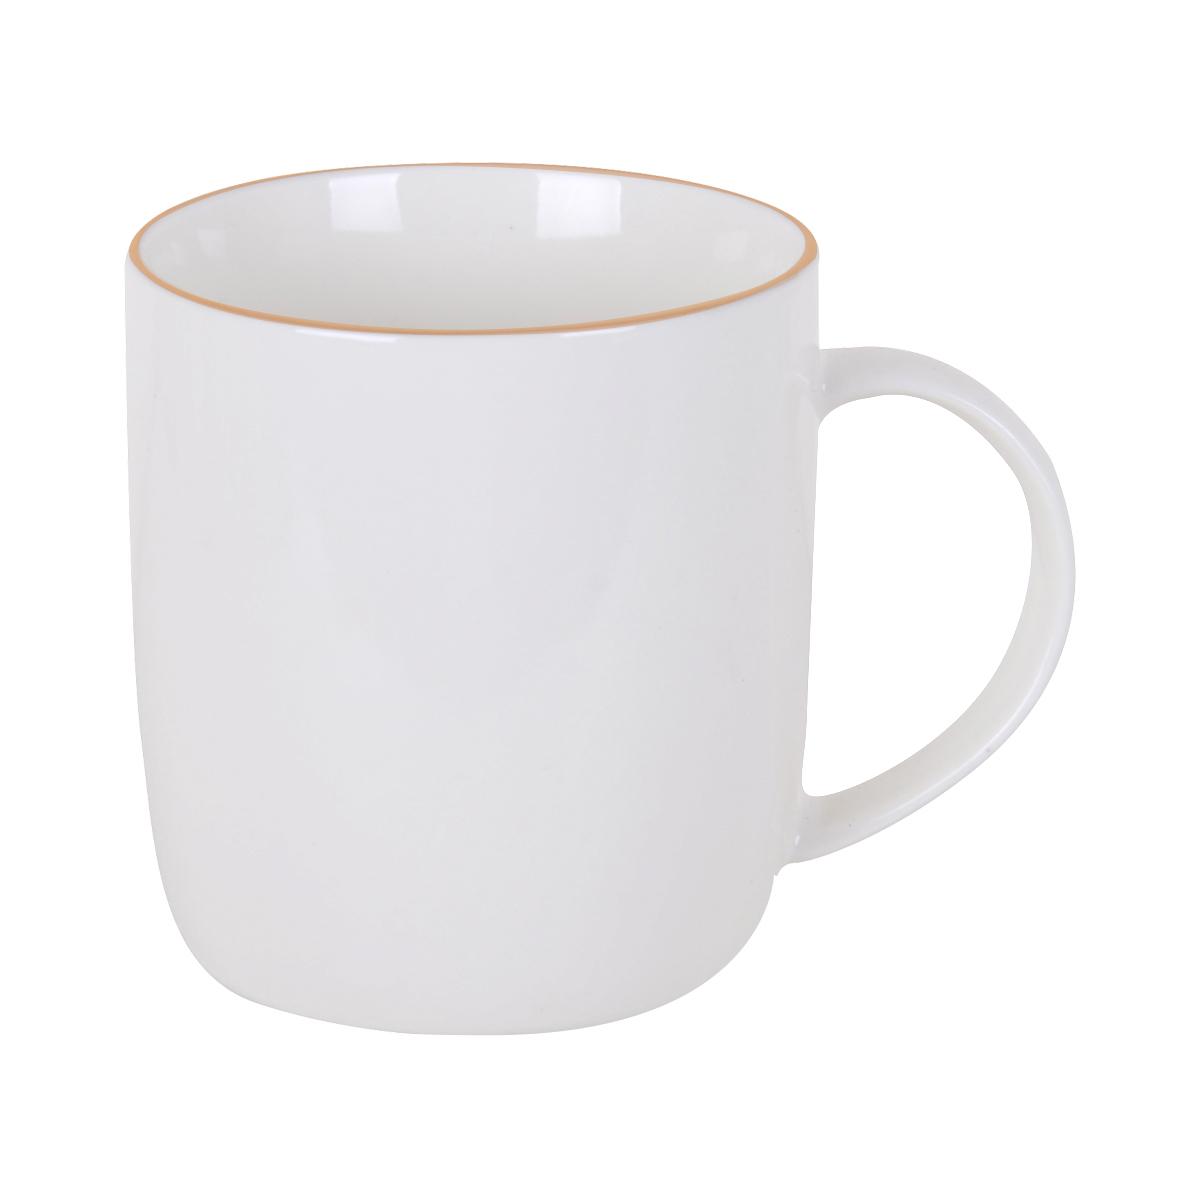 كوب سيراميك للقهوة , الشاي , الحليب ,لون ابيض ساده